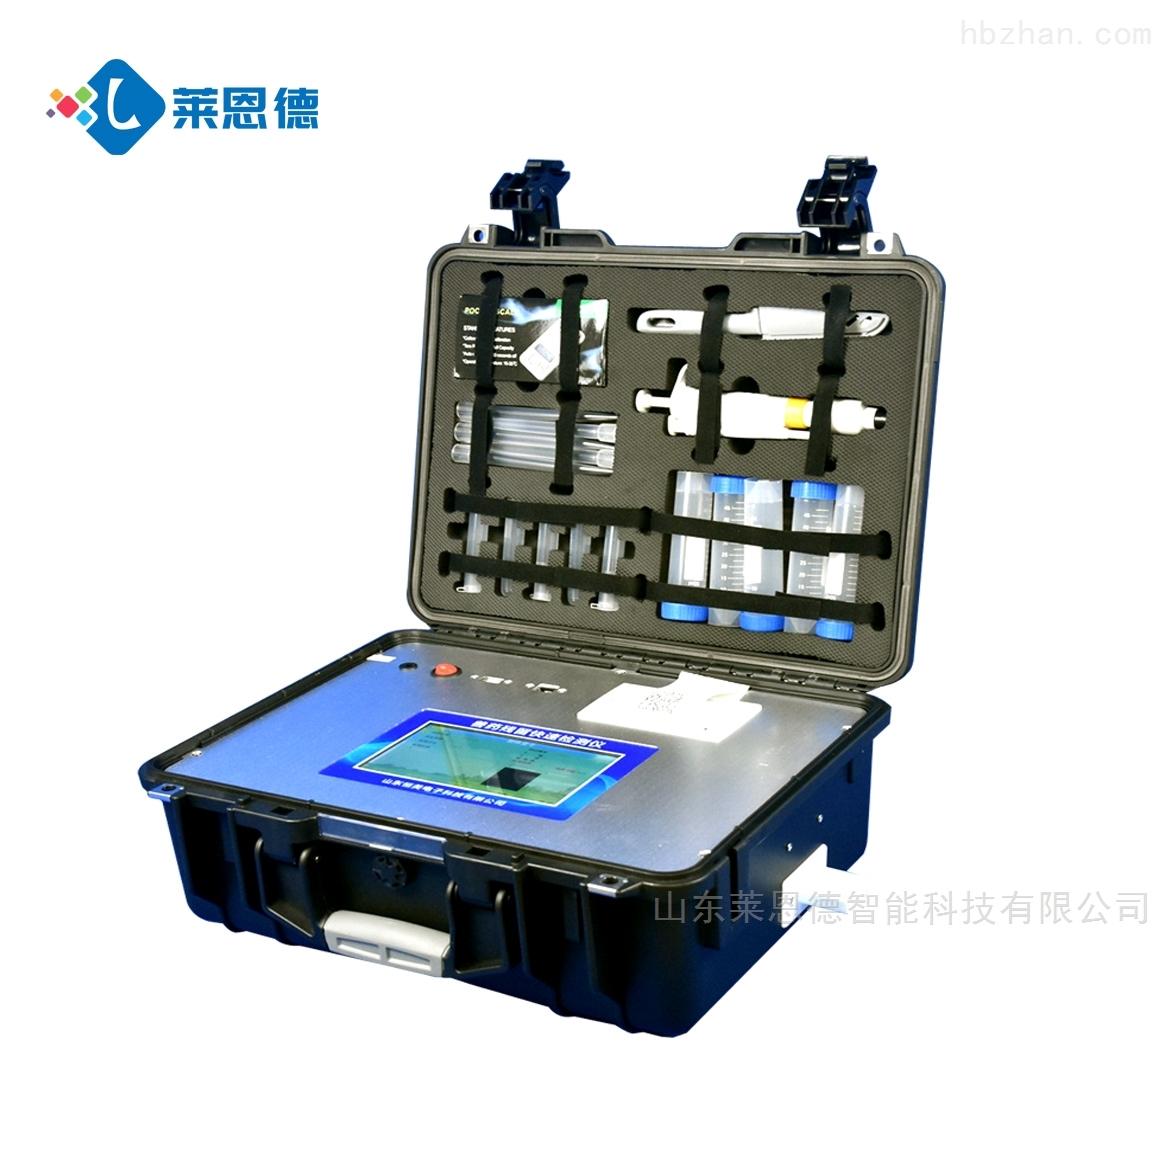 抗生素检测仪器